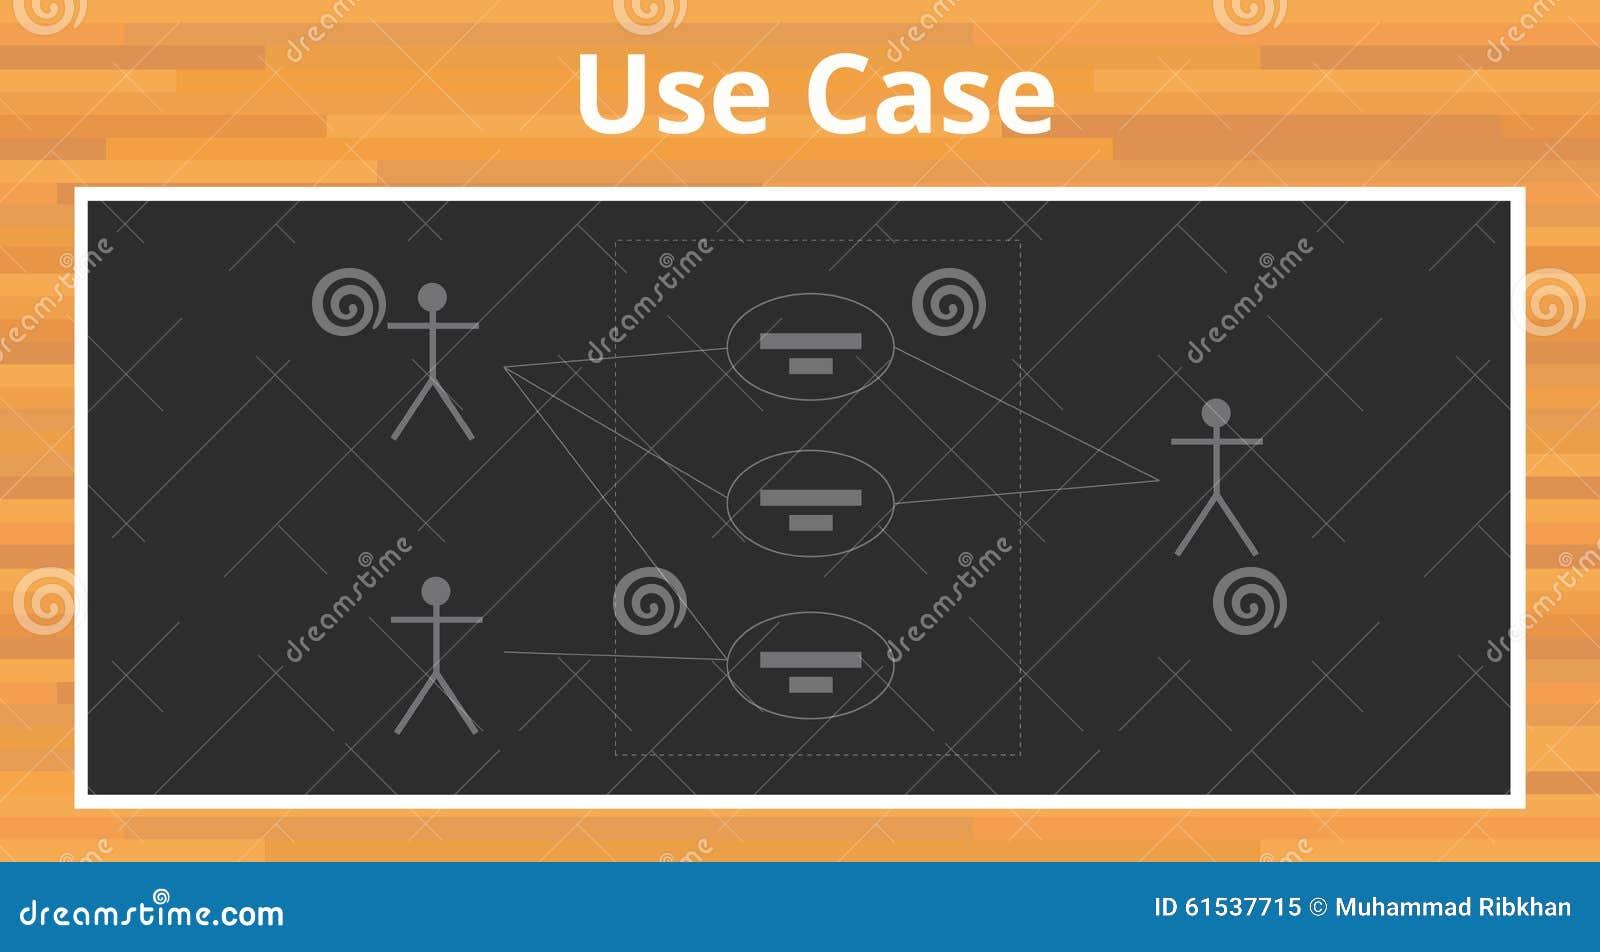 Uml Unified Modelling Language Use Case Diagram Stock ...